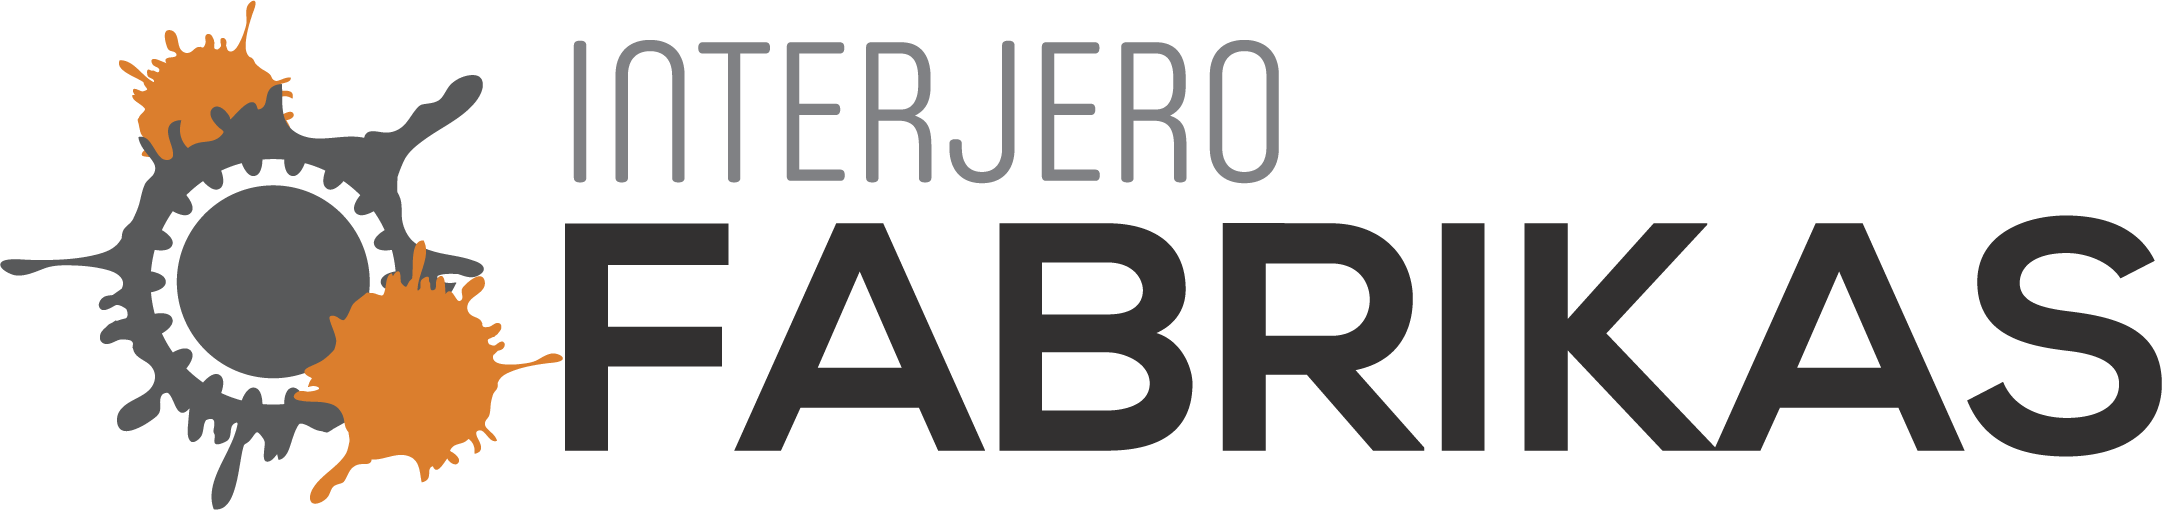 Interjero Fabrikas_Logo_Final1